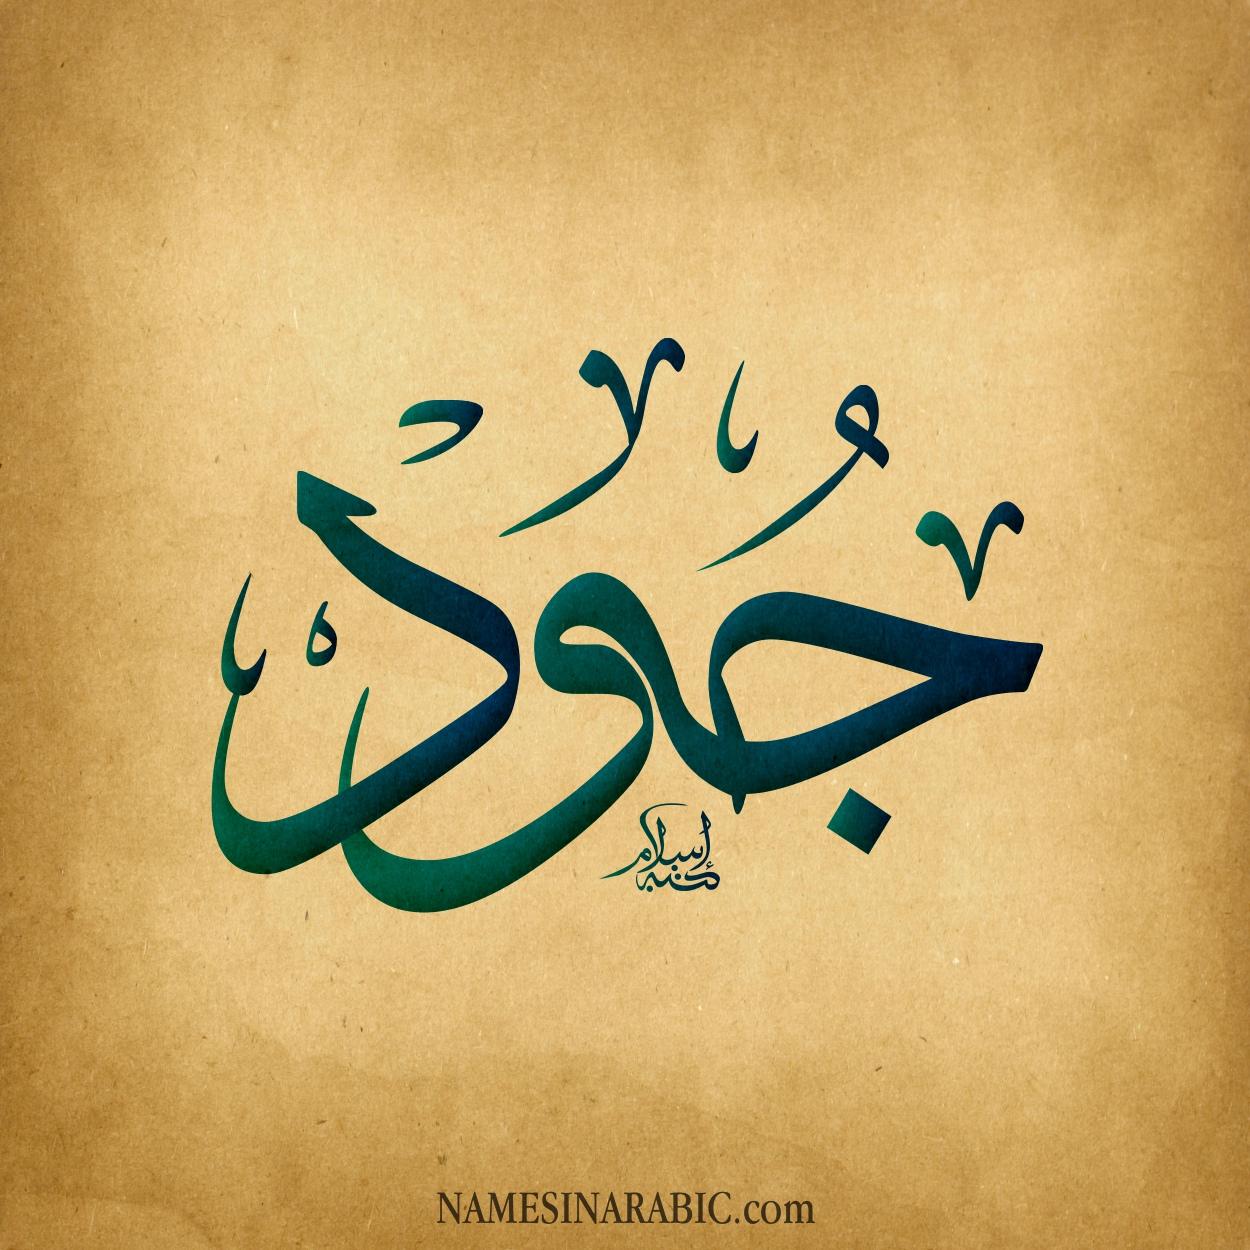 صورة اسم جود Jood اسم جود بالخط العربي من موقع الأسماء بالخط العربي بريشة الفنان إسلام ابن الفضل